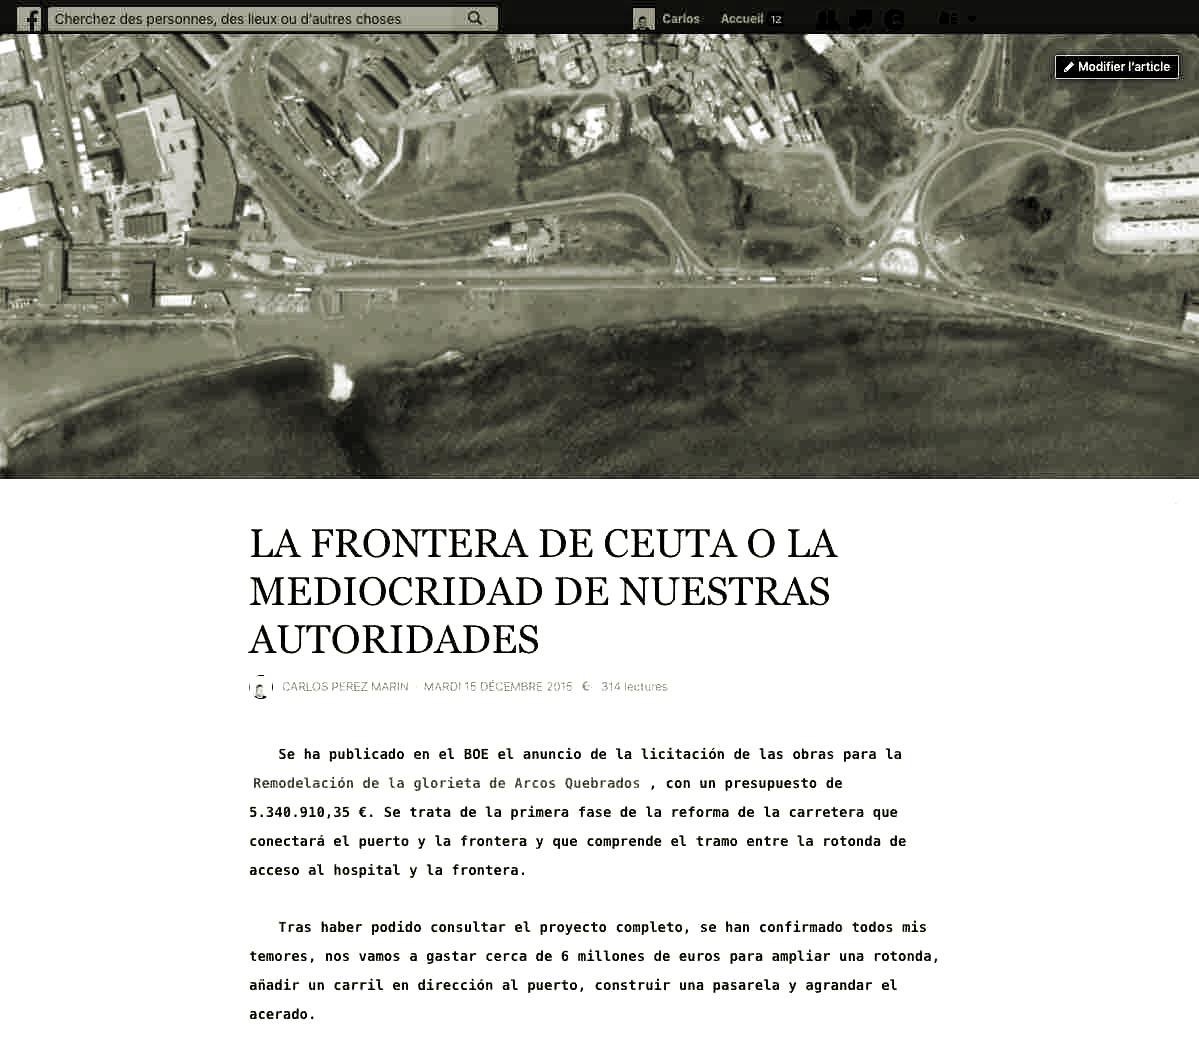 La frontera de Ceuta o la mediocridad de nuestras autoridades 2016